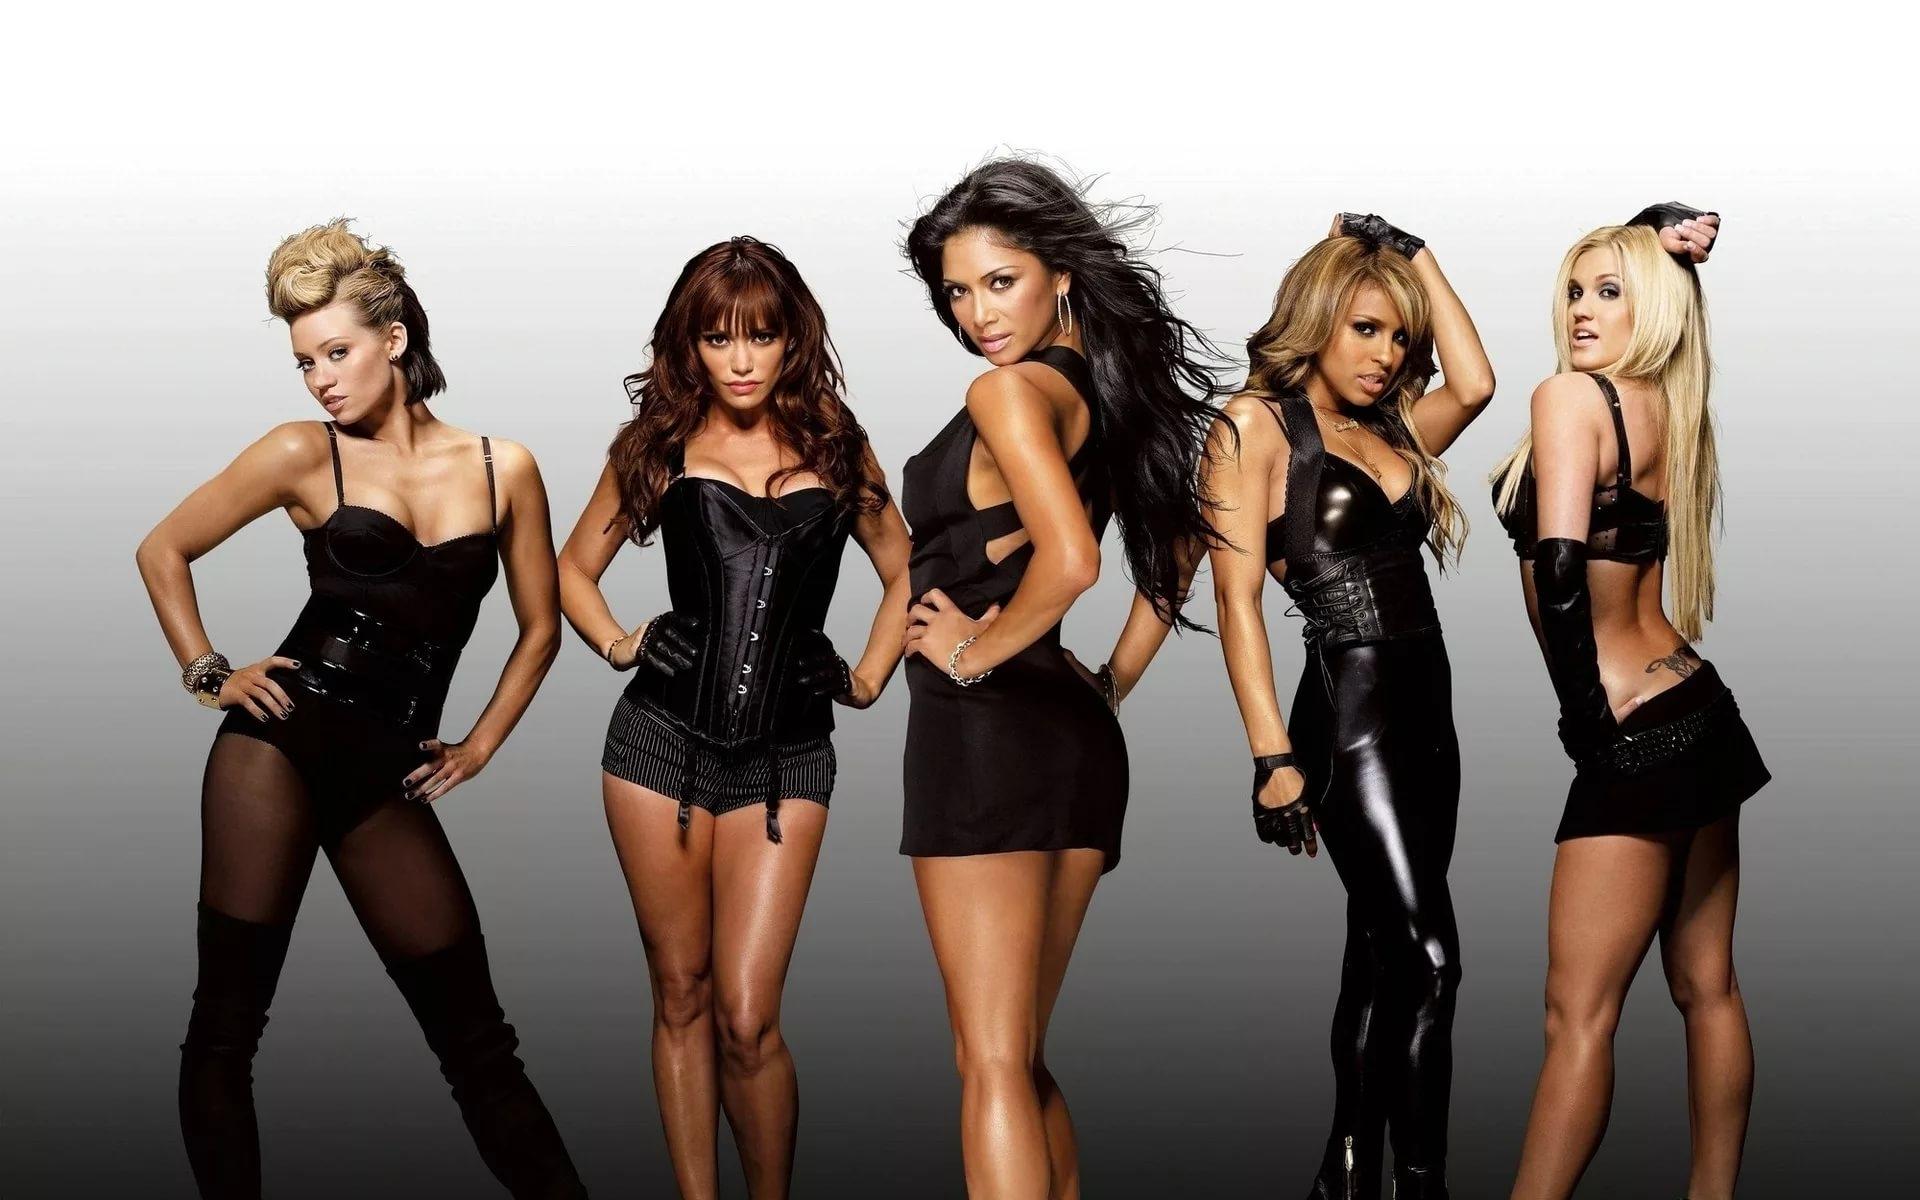 Бывшая певица Pussycat Dolls рассказала о проституции в группе